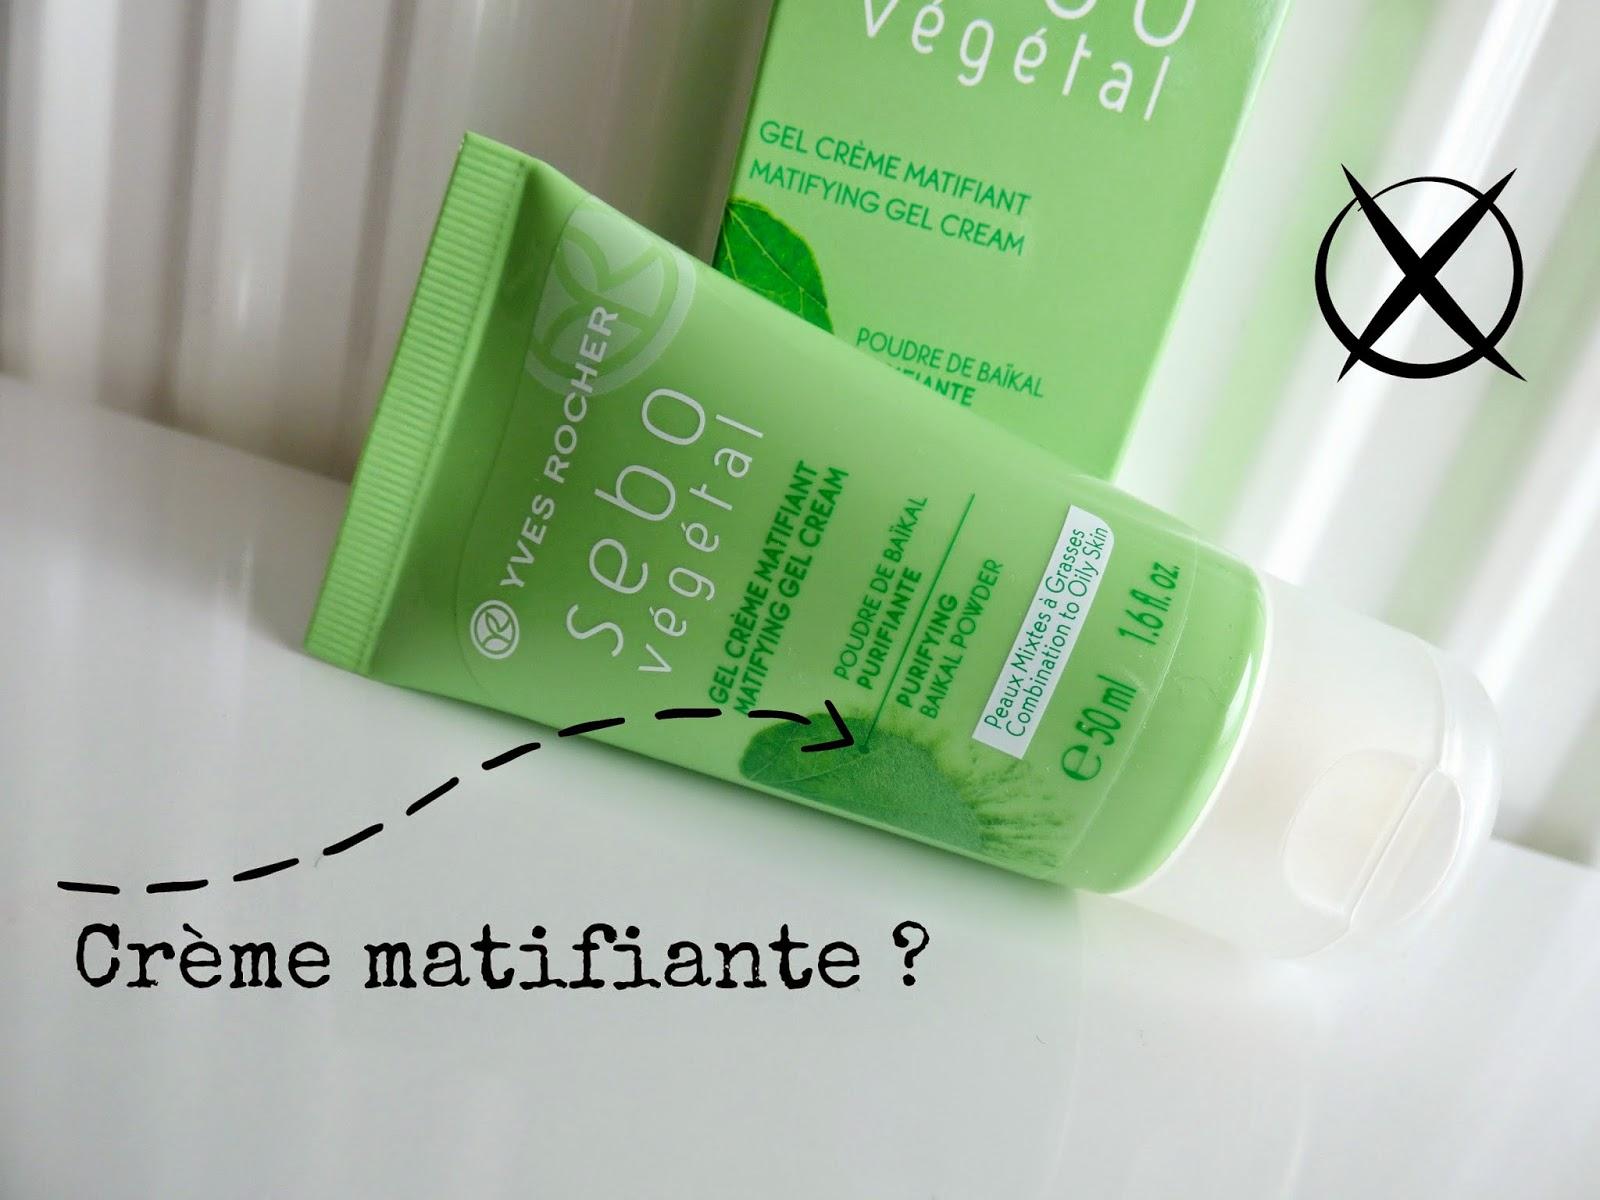 gel crème matifiant de Yves Rocher